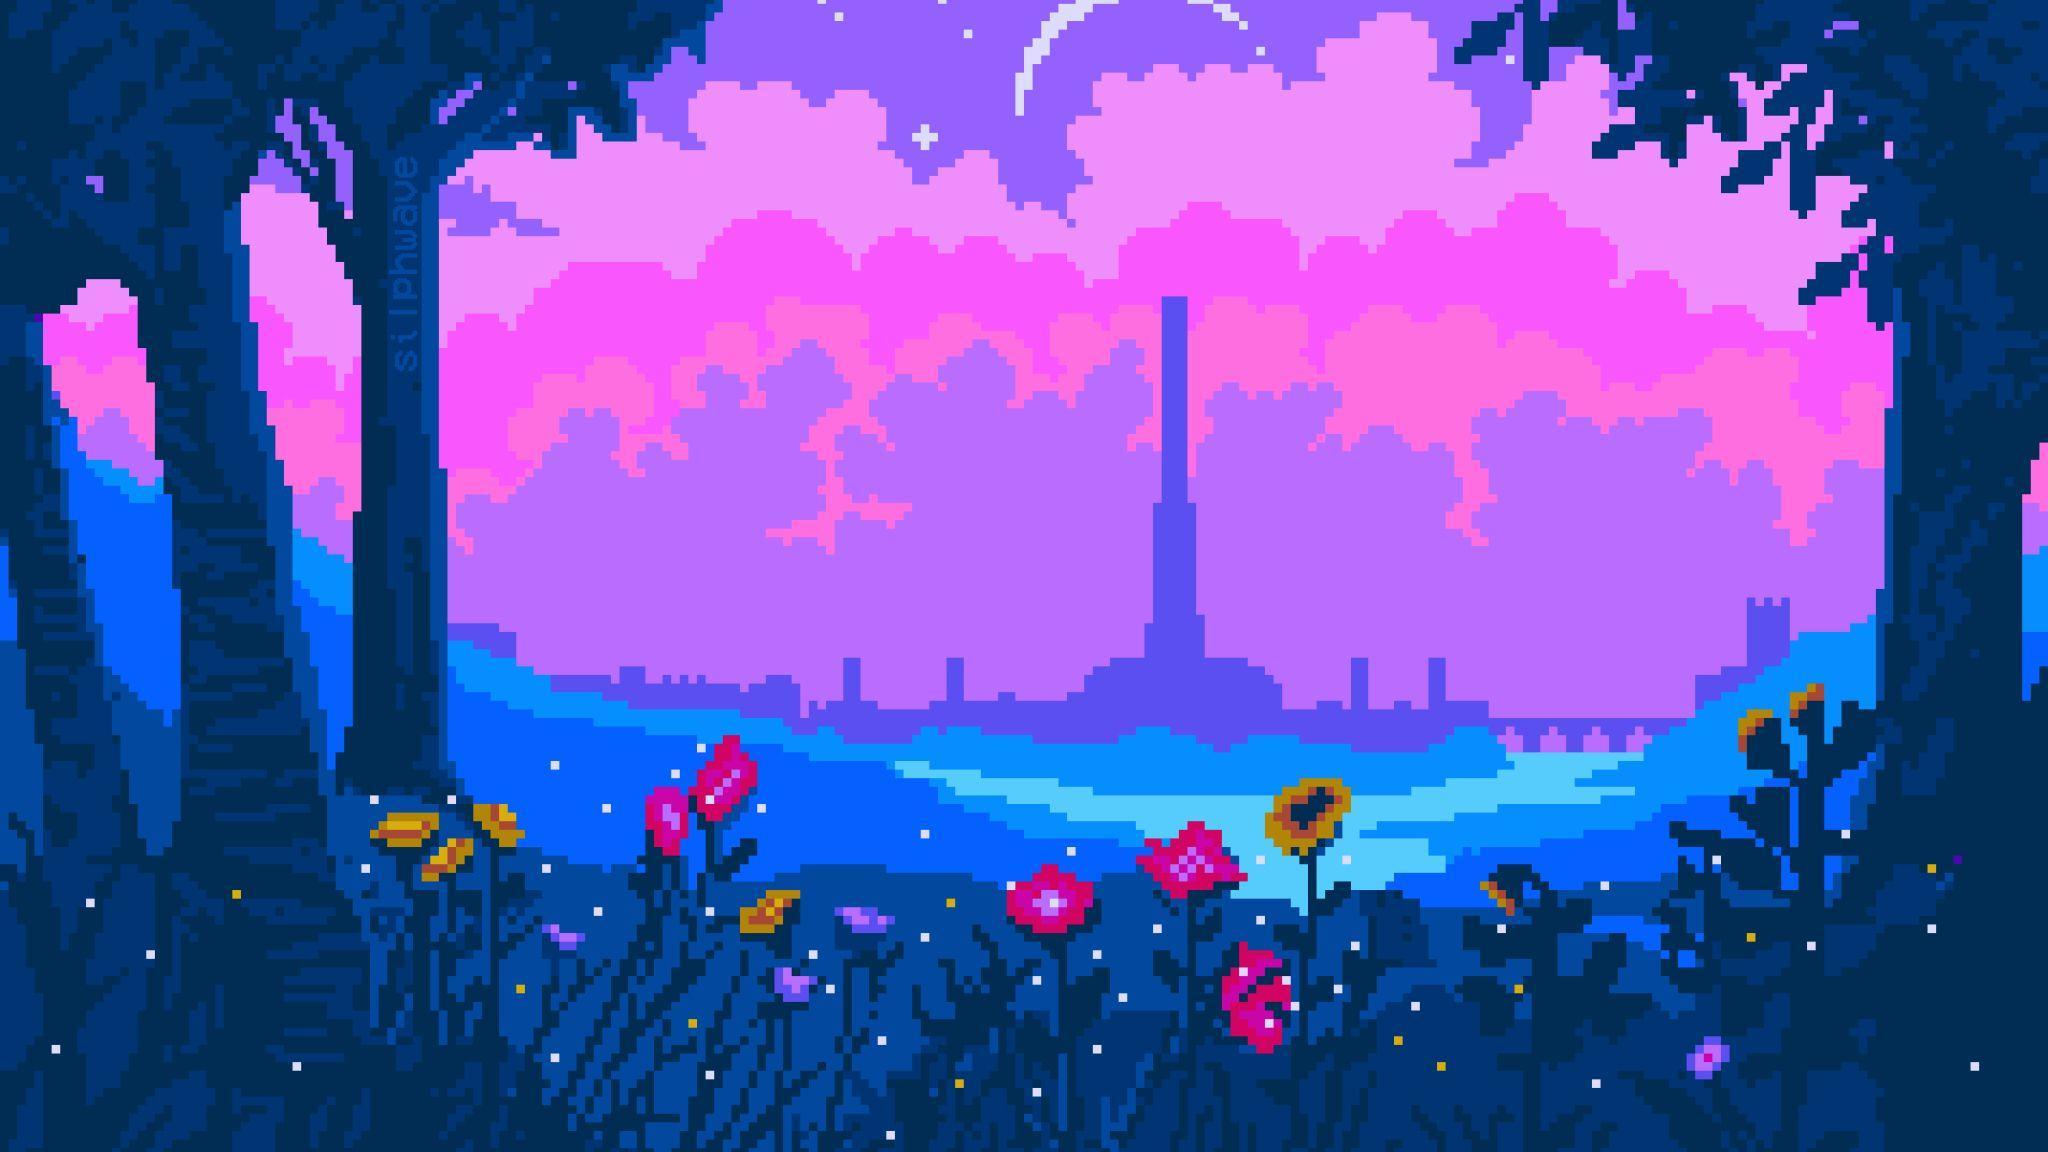 20X20 Pixel Wallpapers   Top Free 20X20 Pixel Backgrounds ...